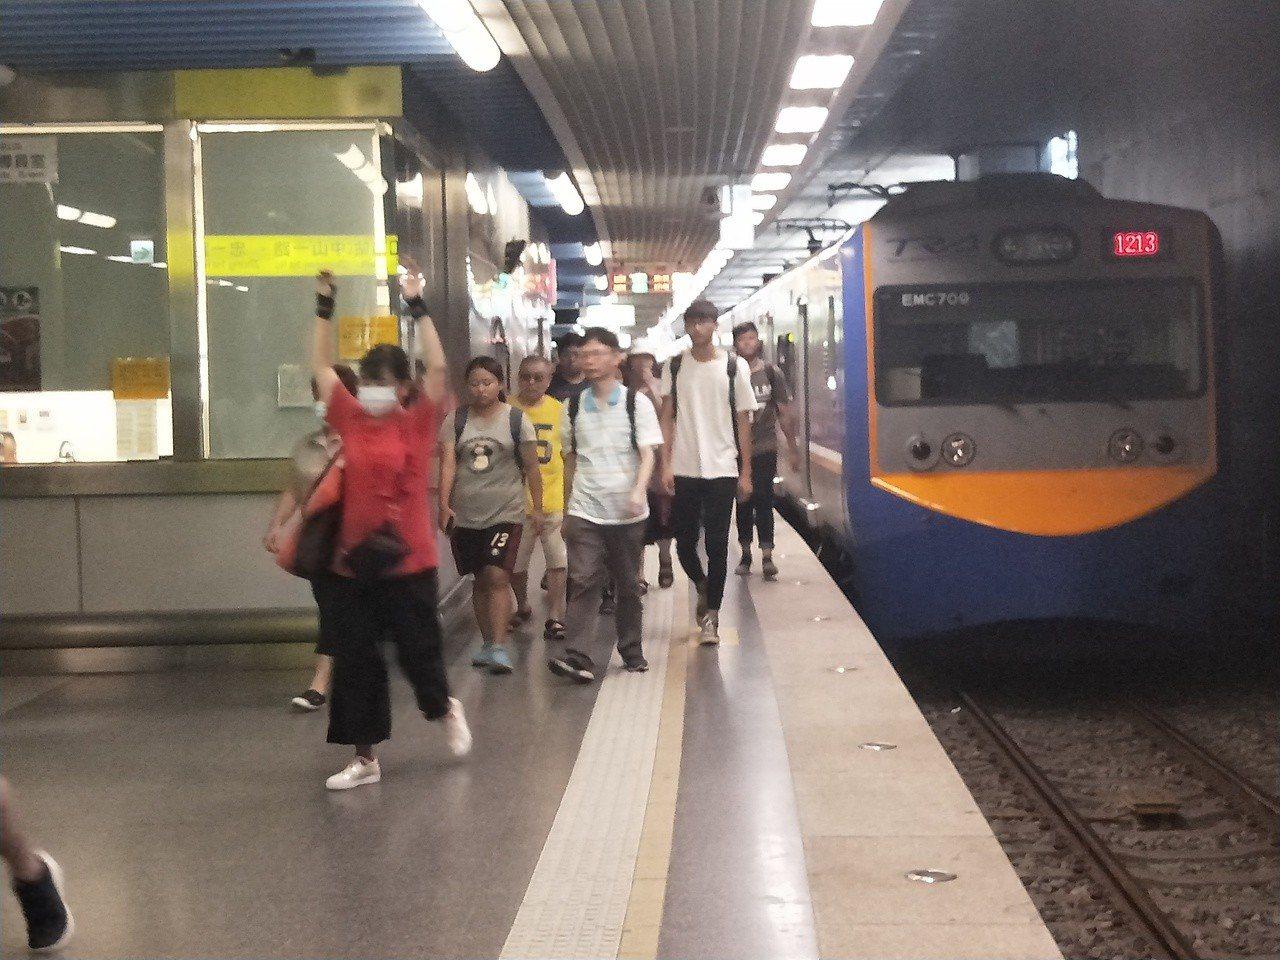 基隆火車站下午人潮很多,到站列車也都延誤10分鐘以上。 記者游明煌/攝影